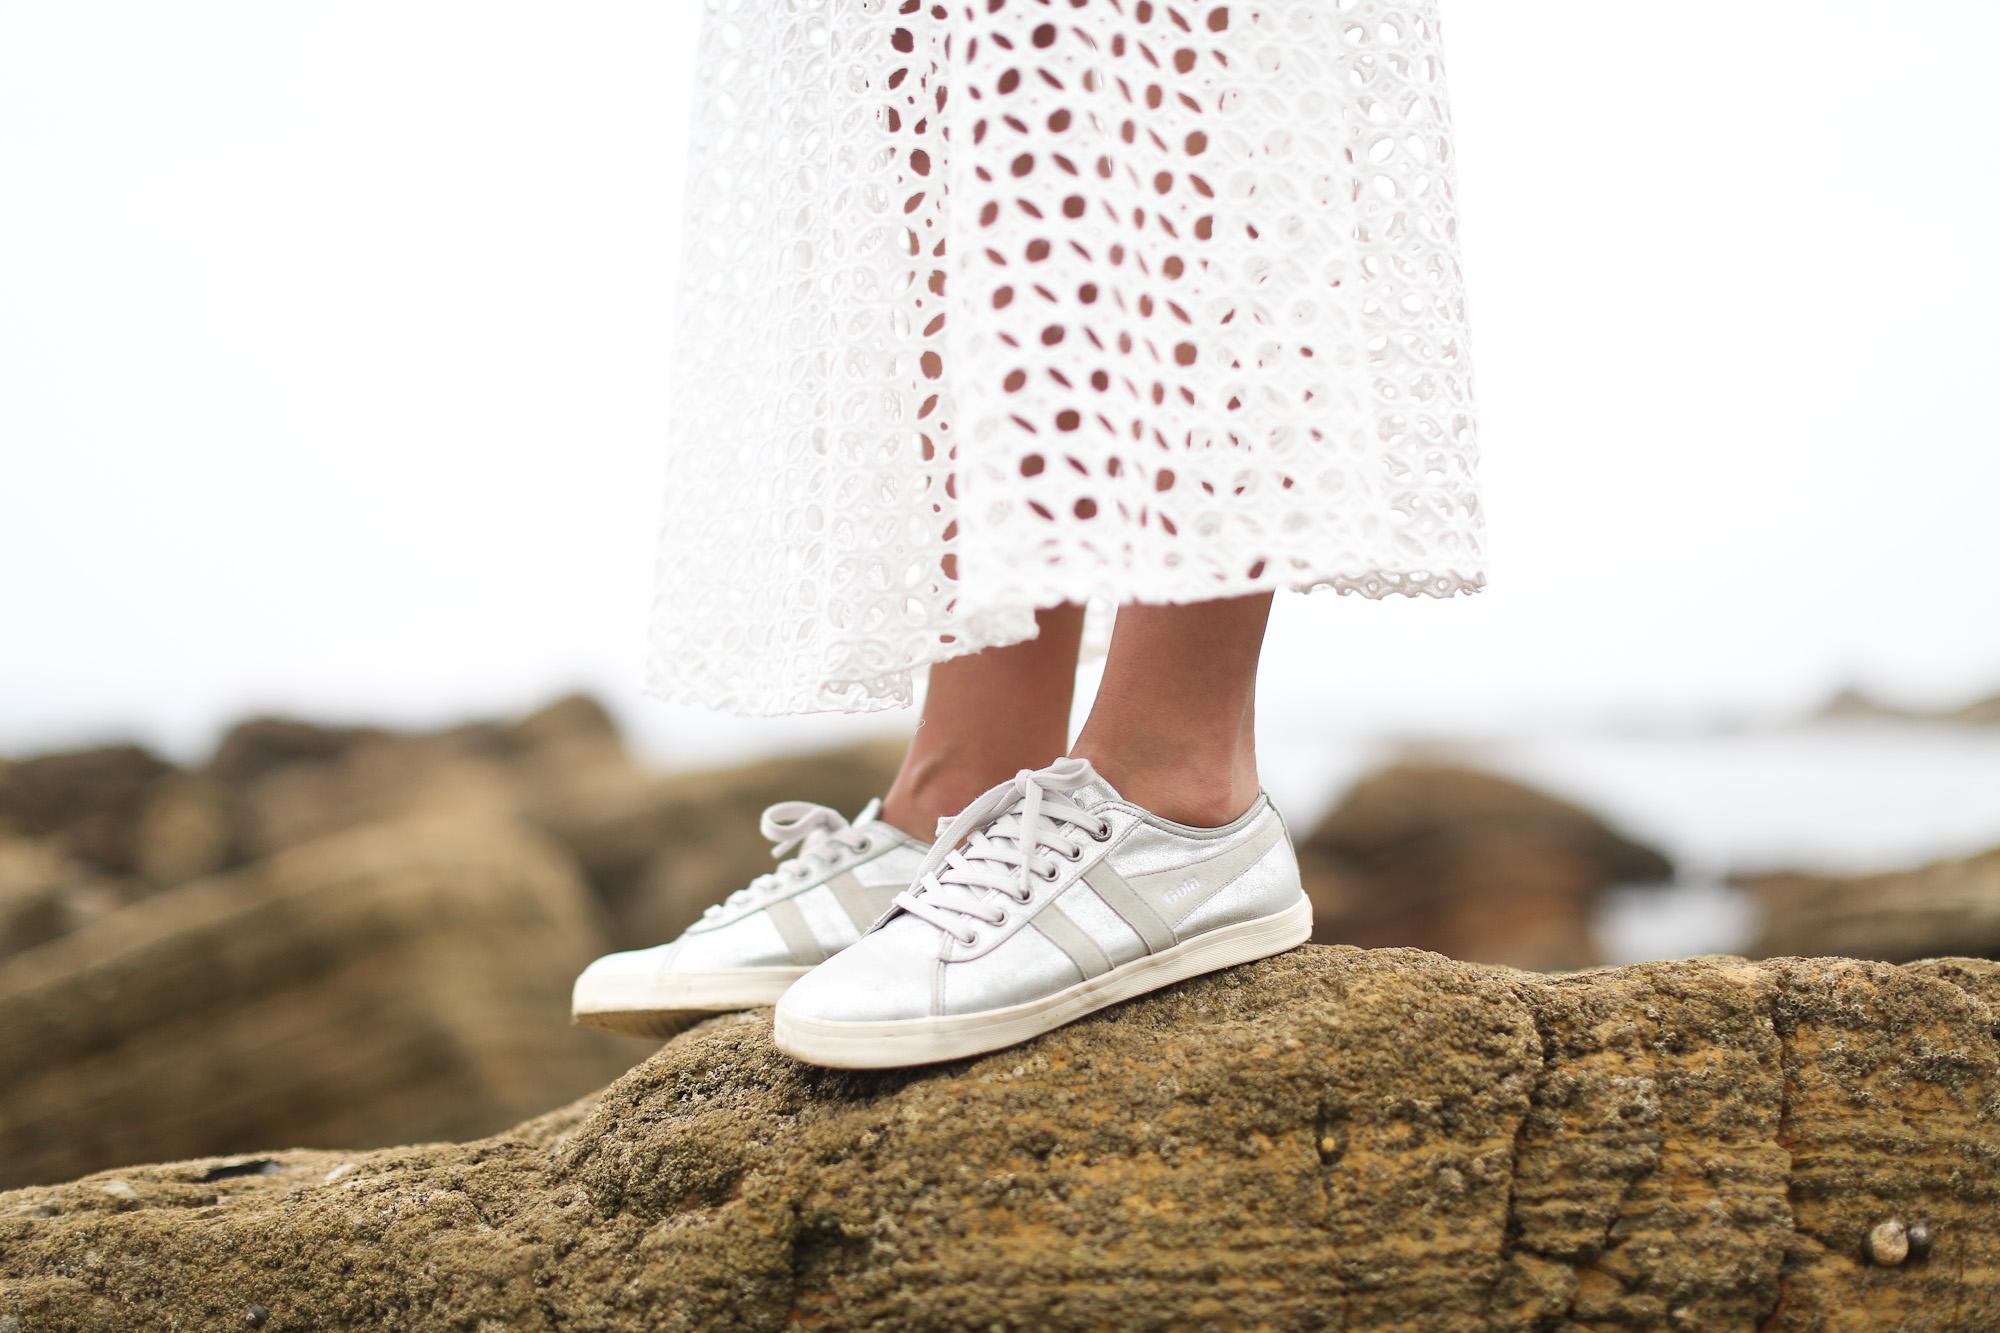 Clochet_streetstyle_gola_footwear_sneakers-9